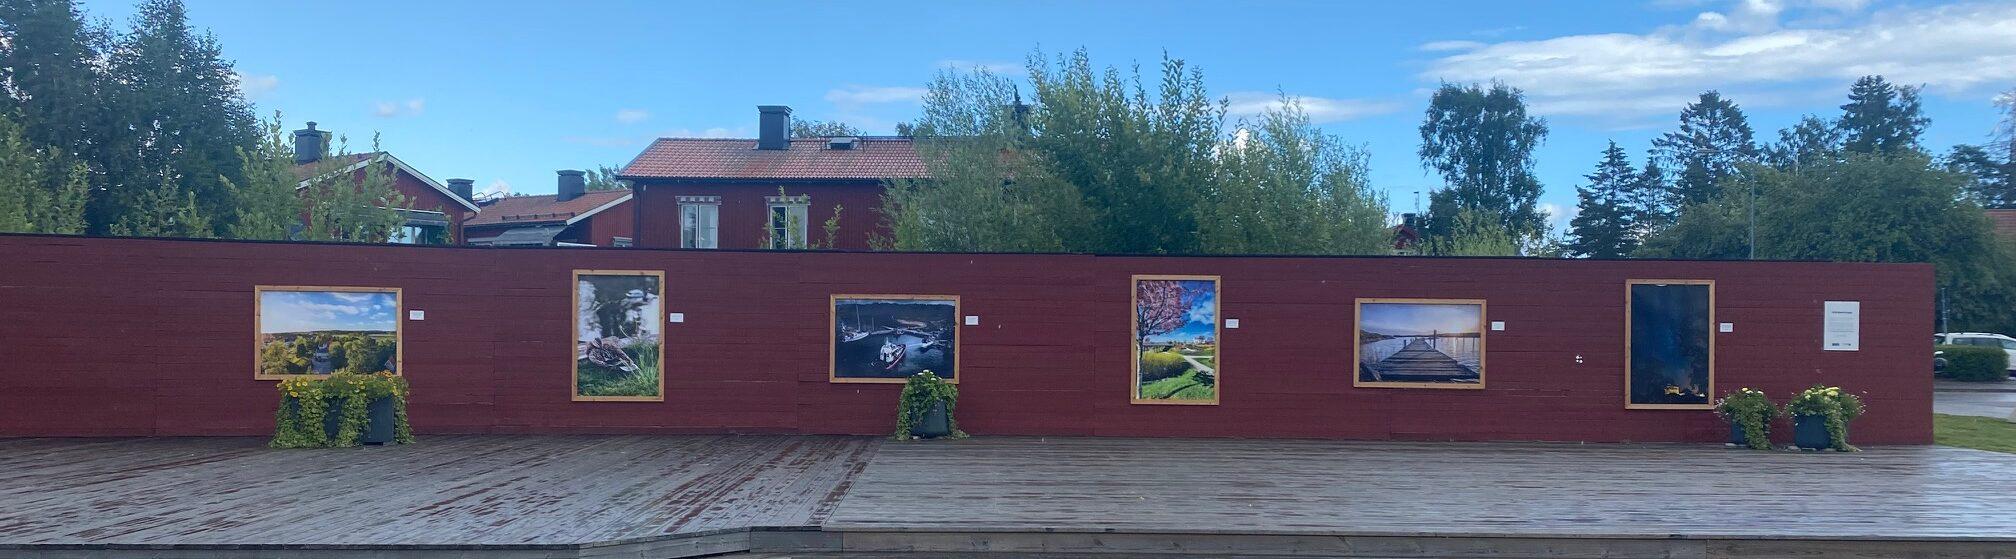 Fotoutställning i Trosa